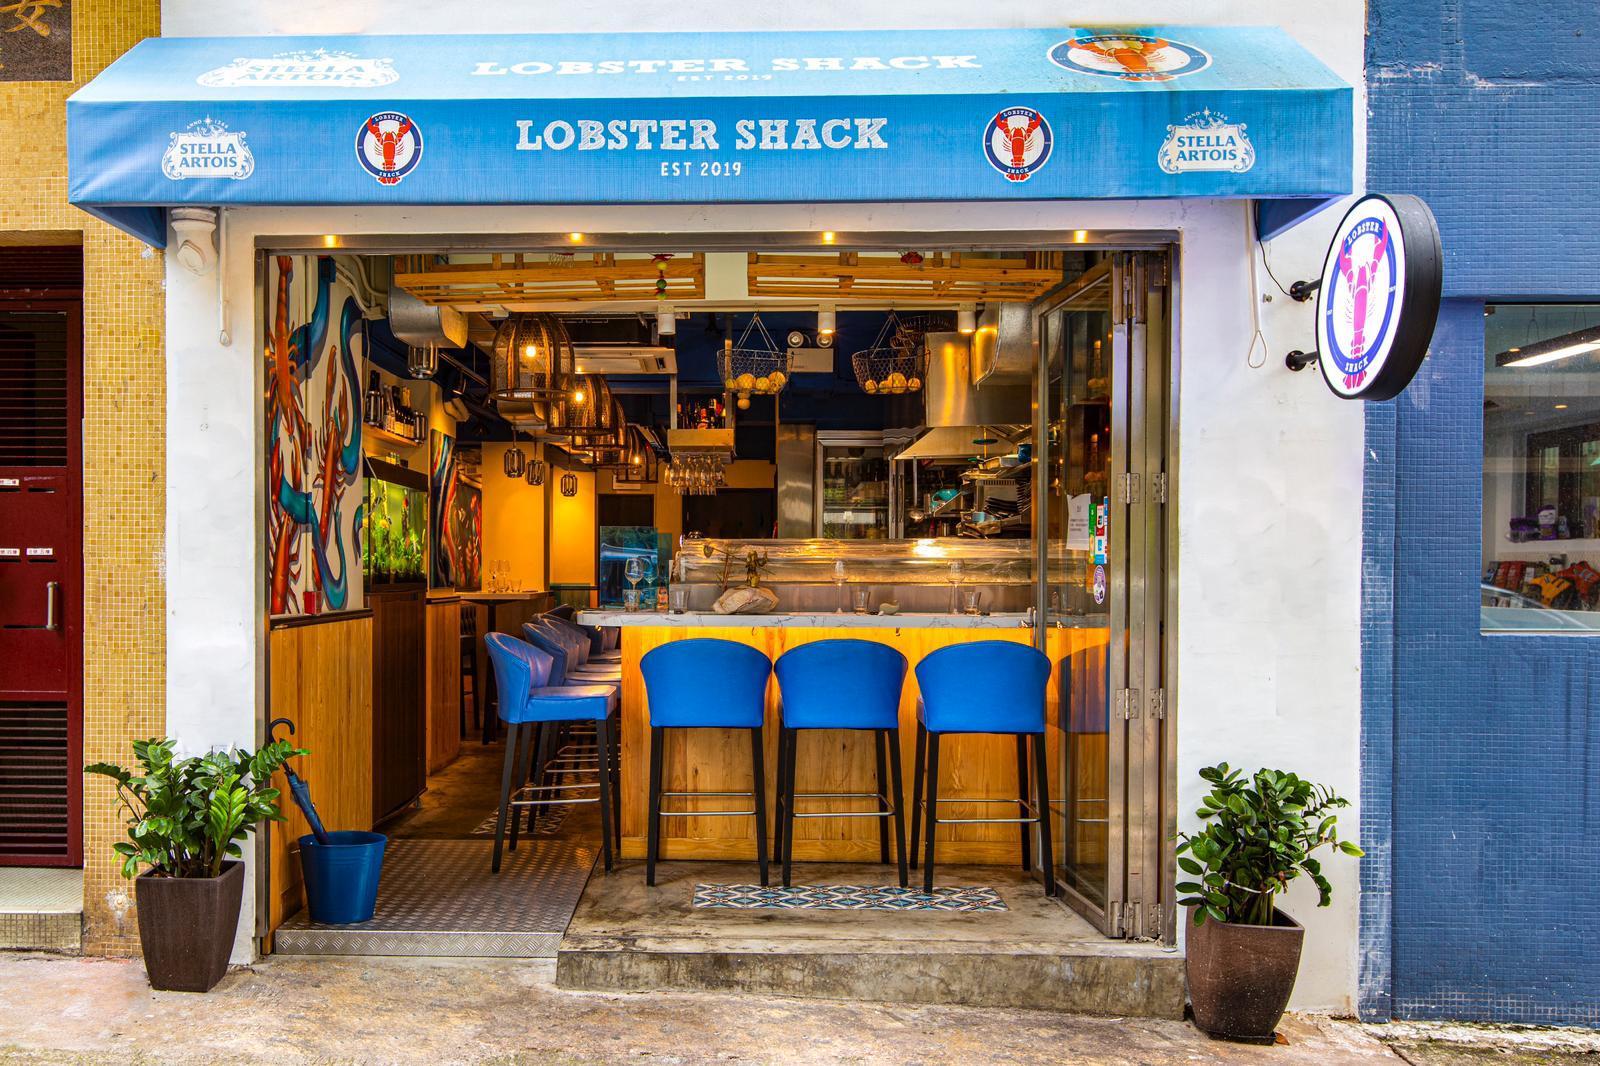 lobster shack facade